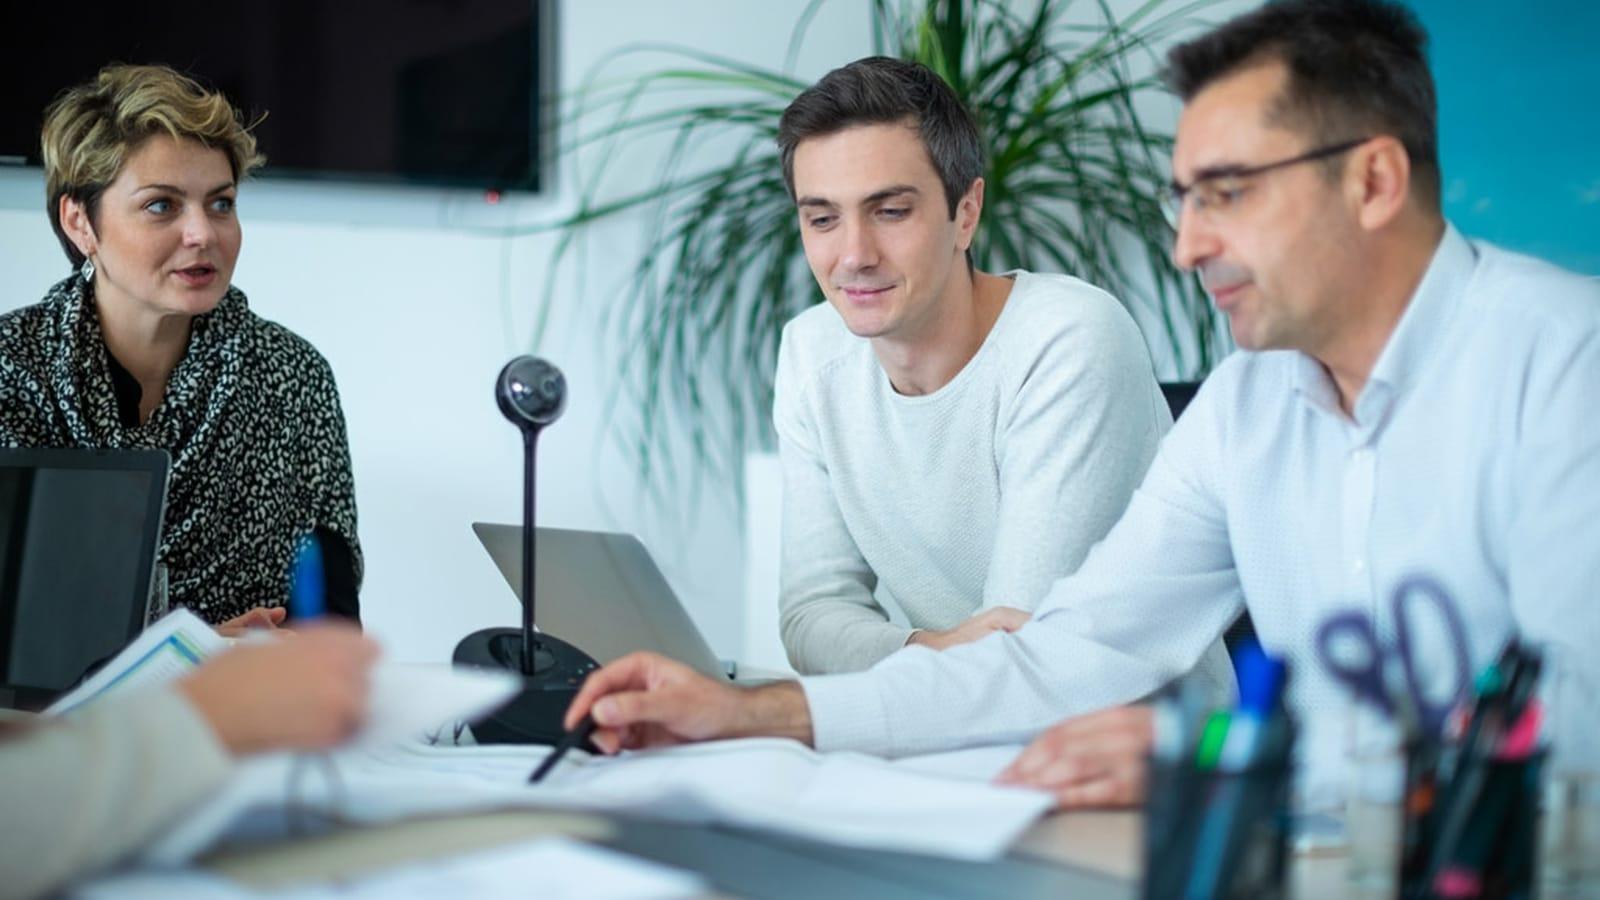 Quelles sont les obligations de l'entreprise envers ses salariés?